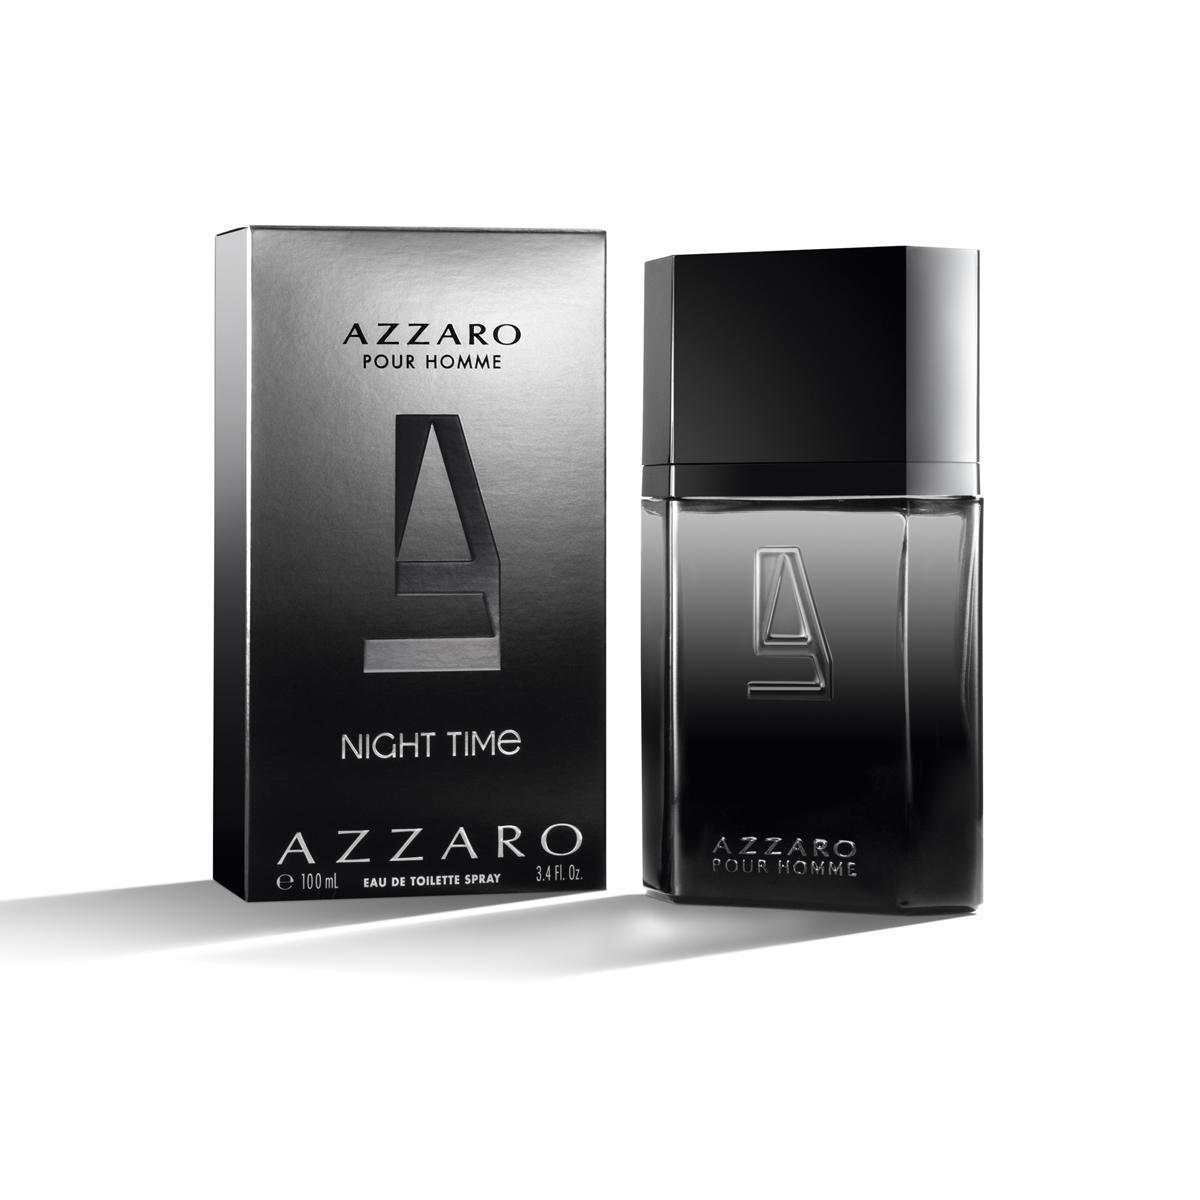 Avis Azzaro TimeTestamp; Azzaro Azzaro Avis Night Night TimeTestamp; Avis Night TimeTestamp; Azzaro Ow08nPk